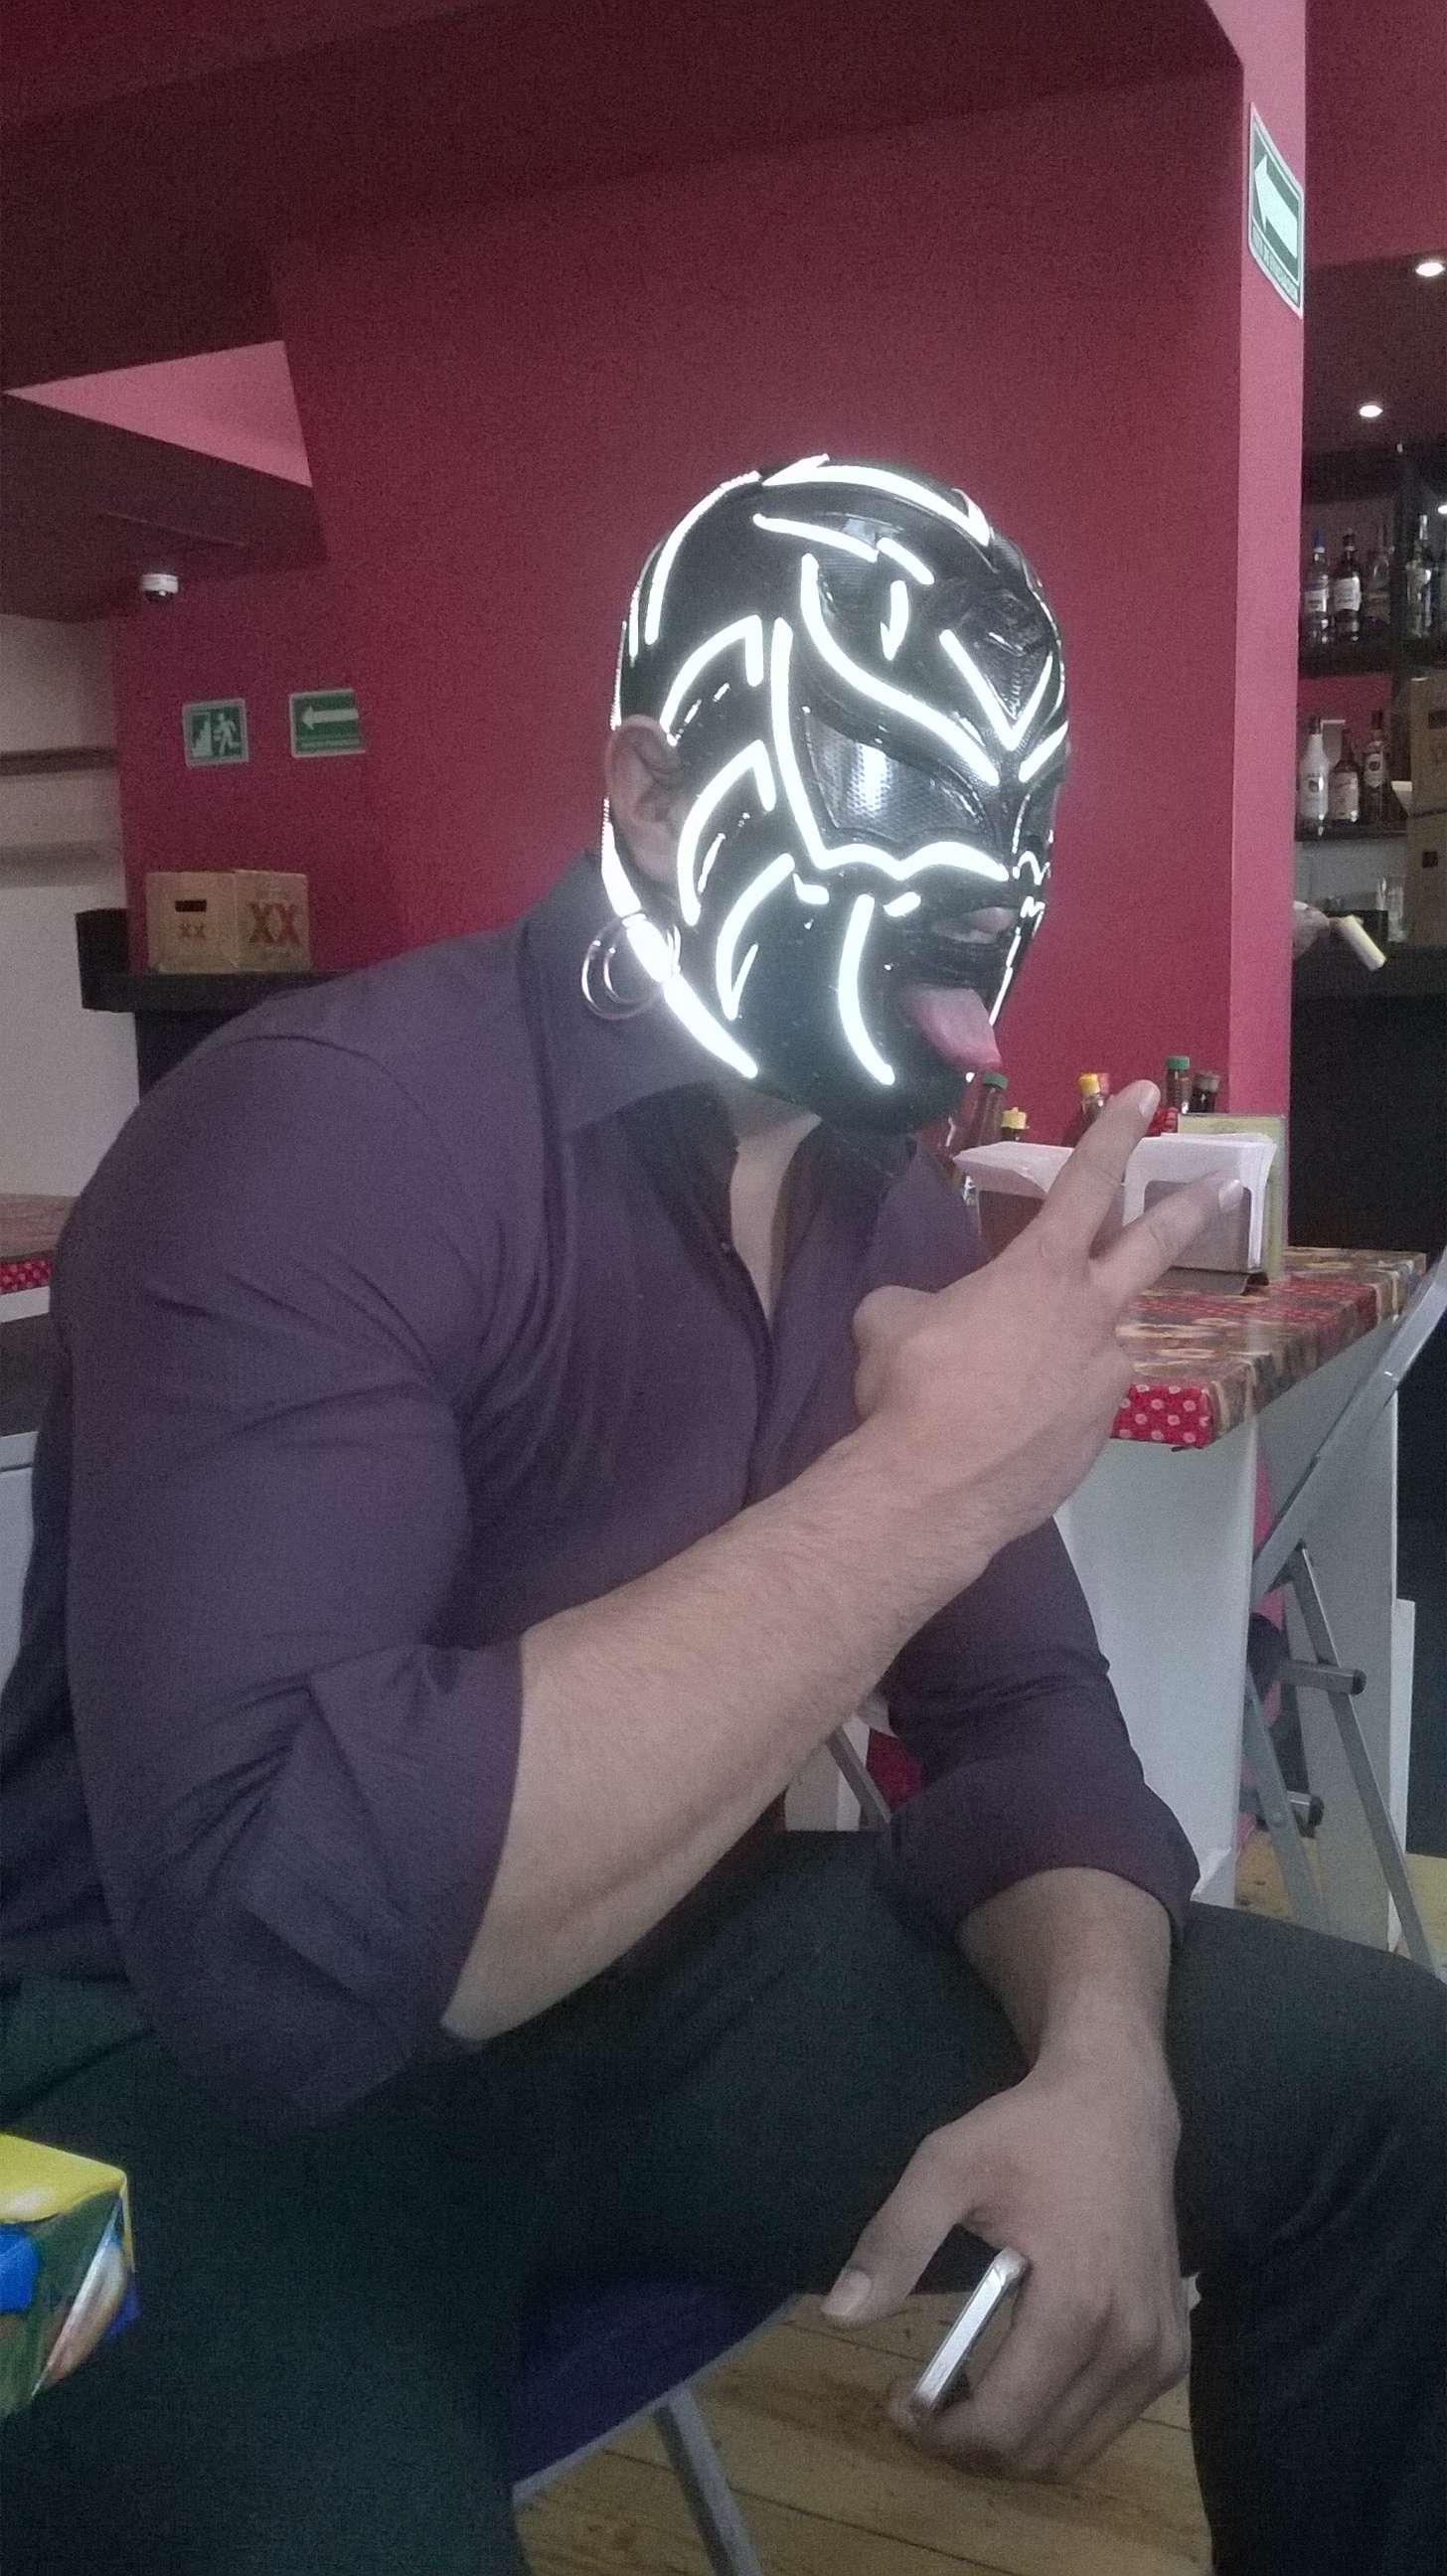 A La Sombra le gustan los retos. Foto: CMLL